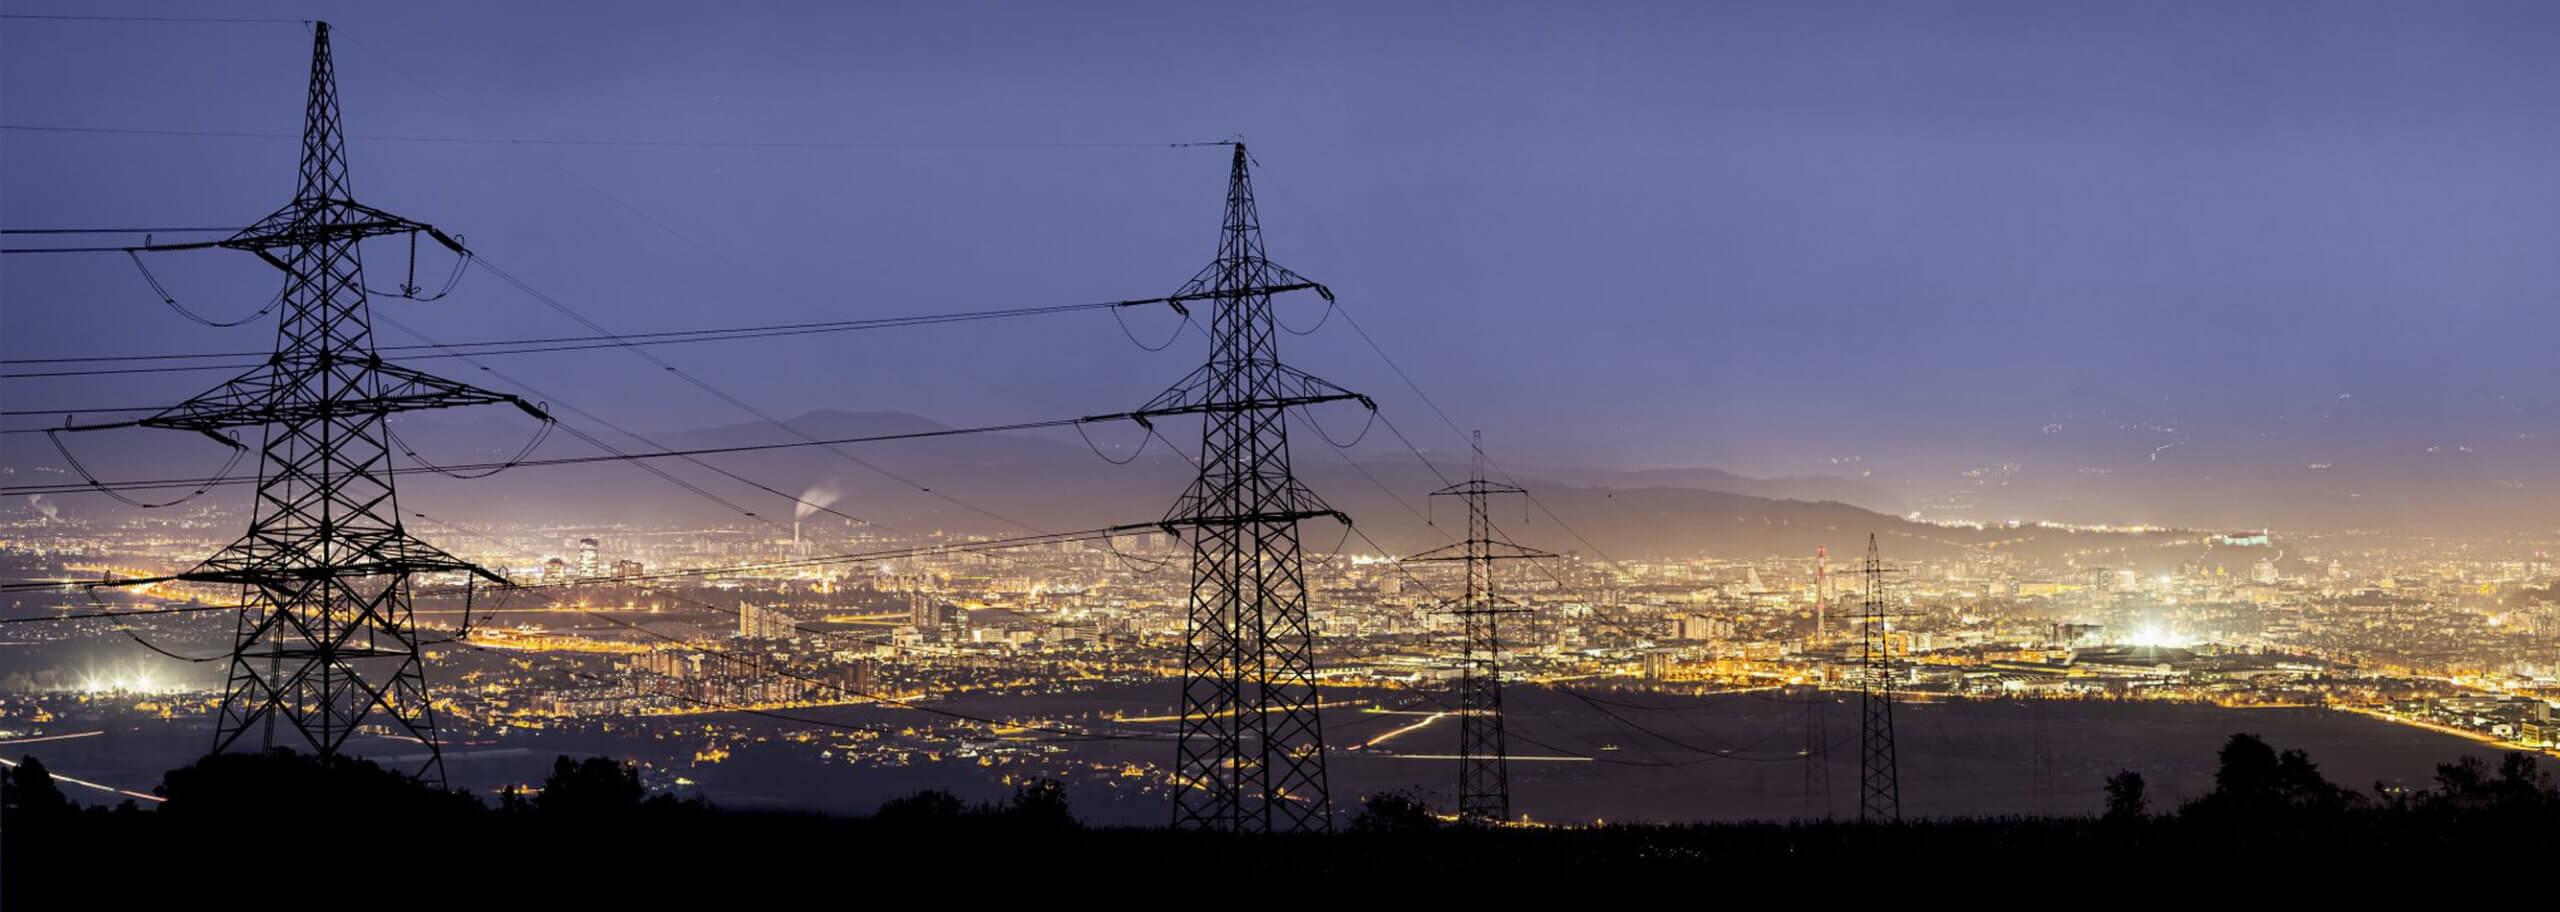 LA ENERGÍA ELÉCTRICA IMPRESCINDIBLE FRENTE AL COVID-19